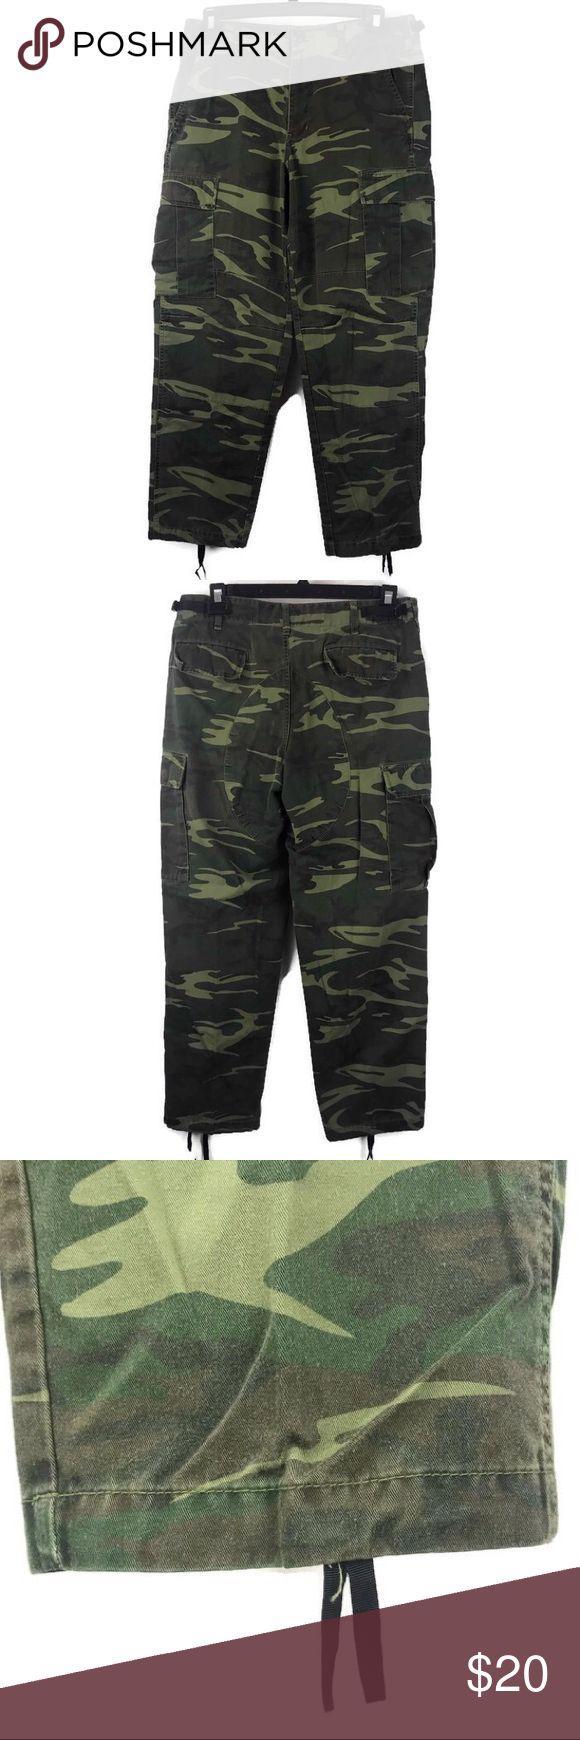 Men's medium REDHEAD army camo cargo pants Camo cargo